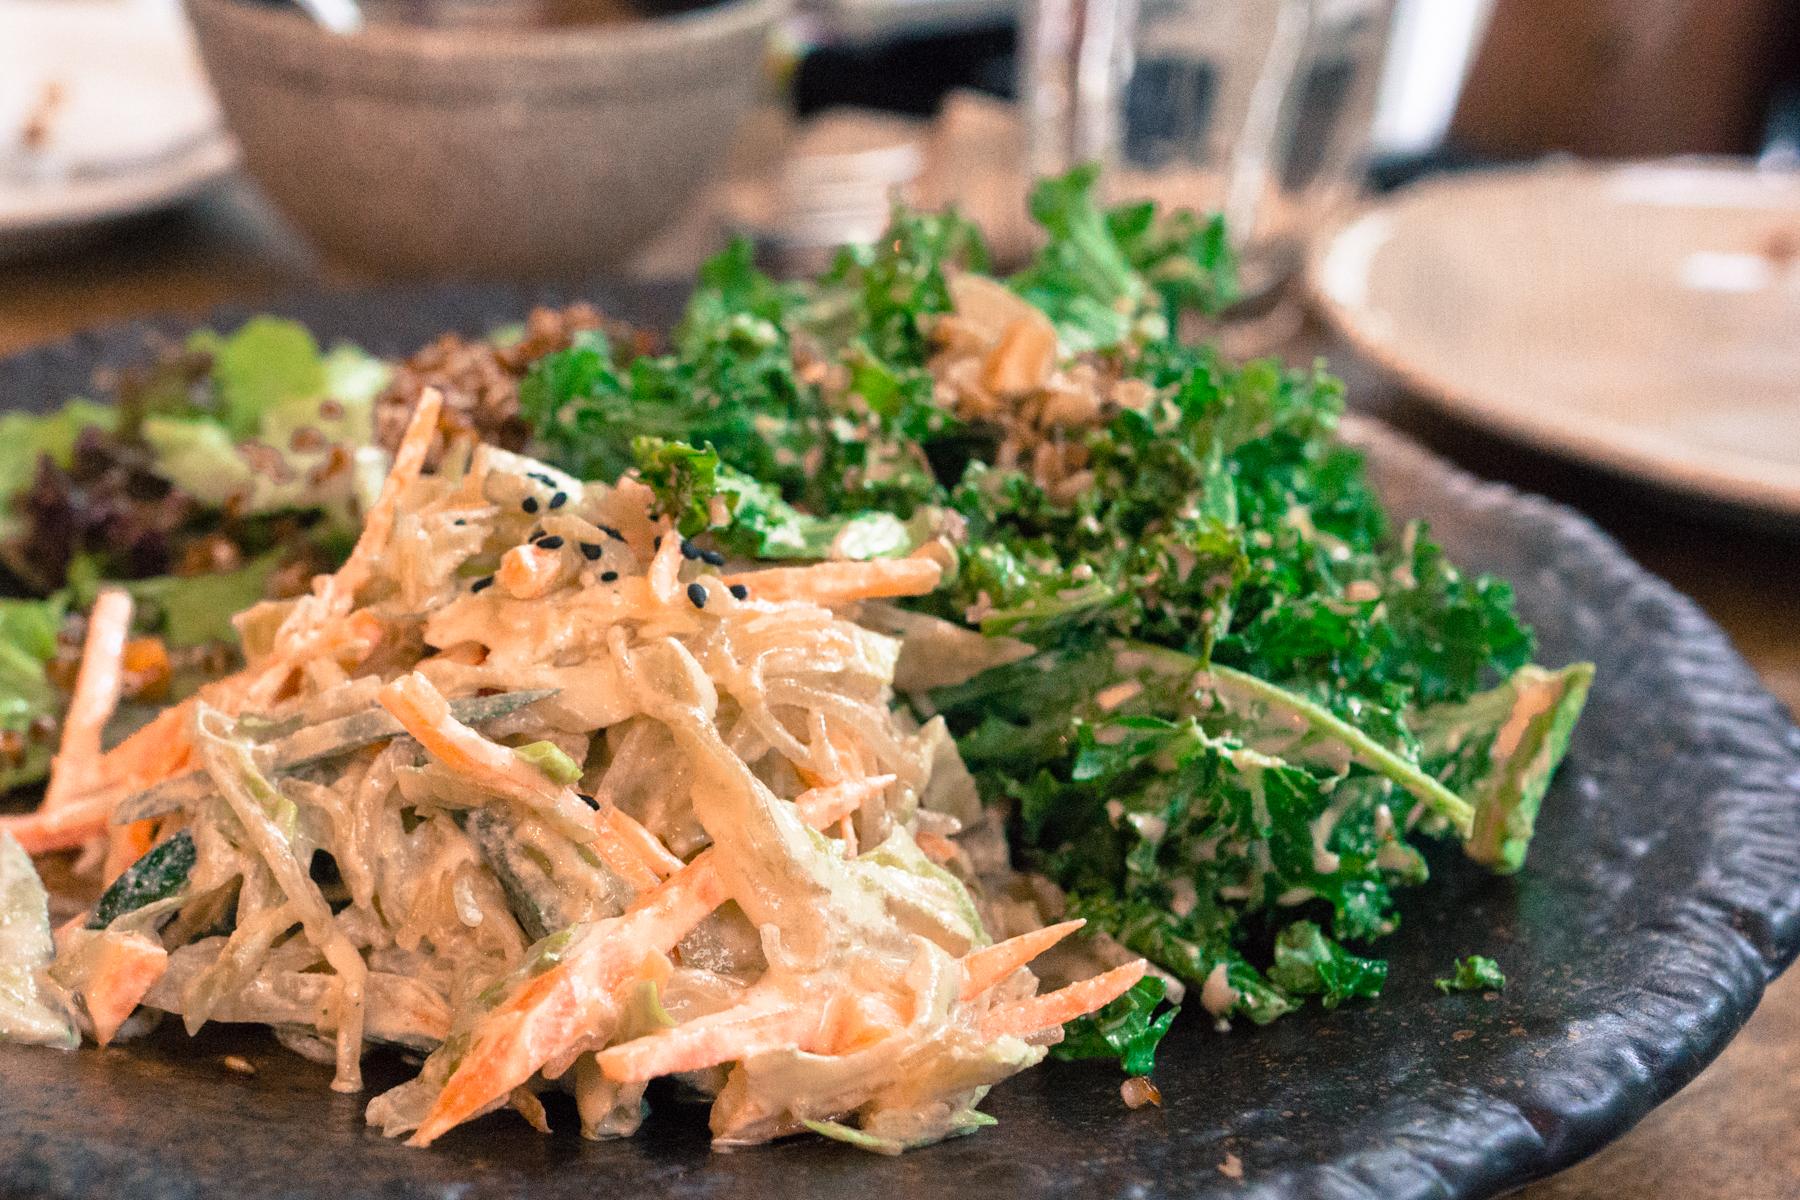 hong-kong-vegan-glutten-free-vegetarian-prune-restaurant-cafe-5